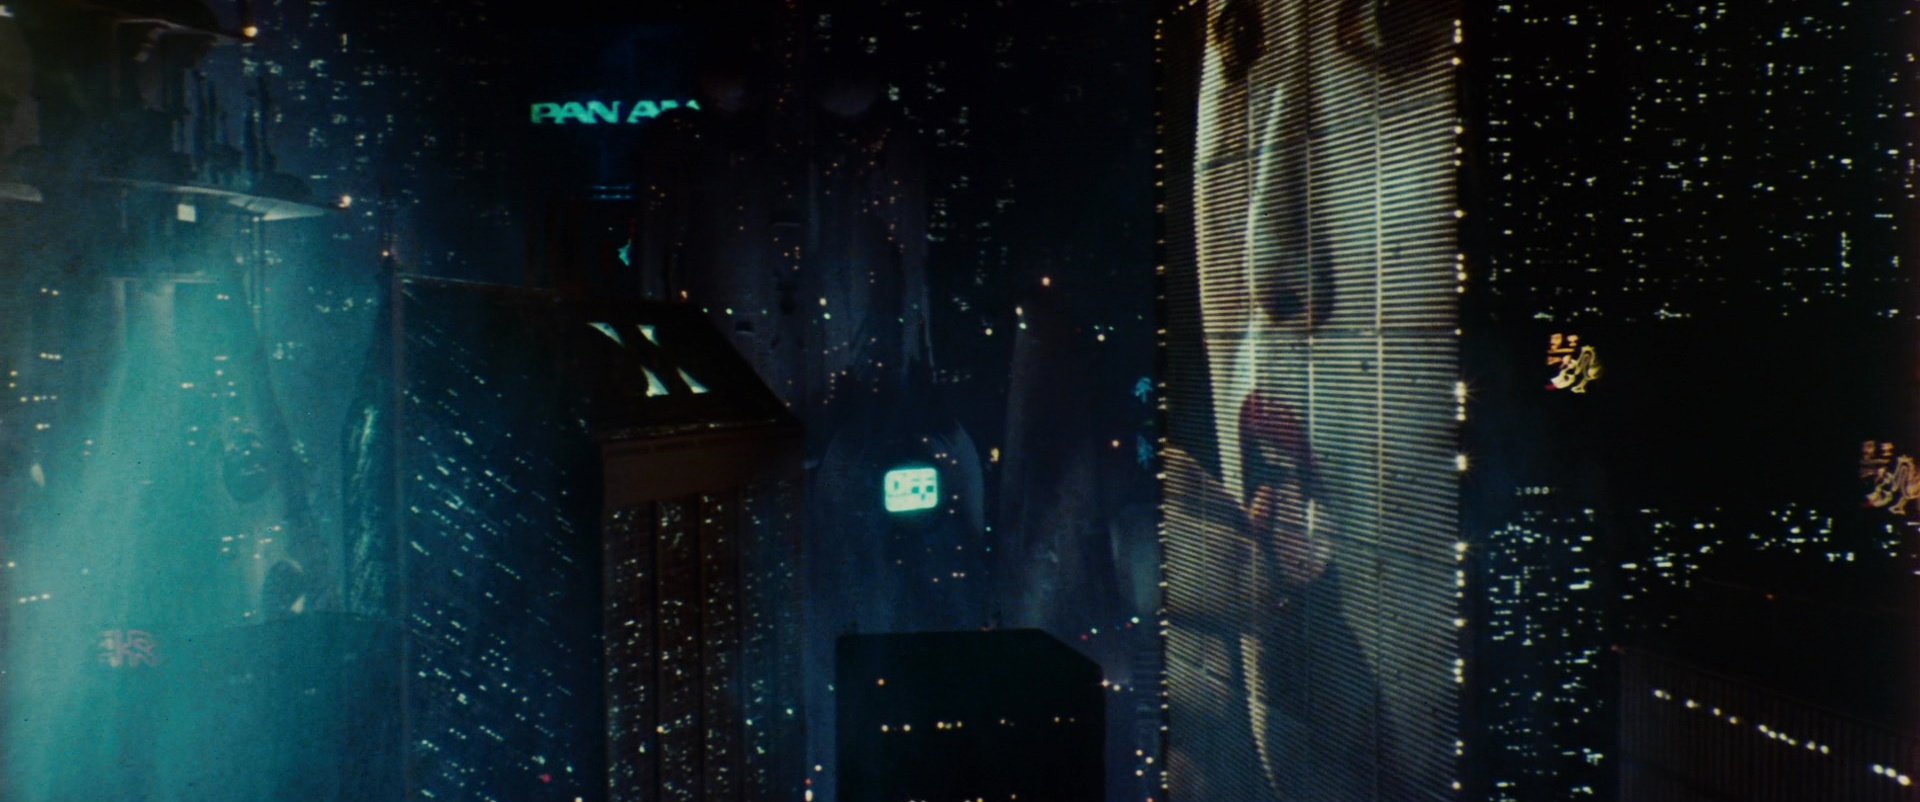 Pan Am In Blade Runner 1982 Movie